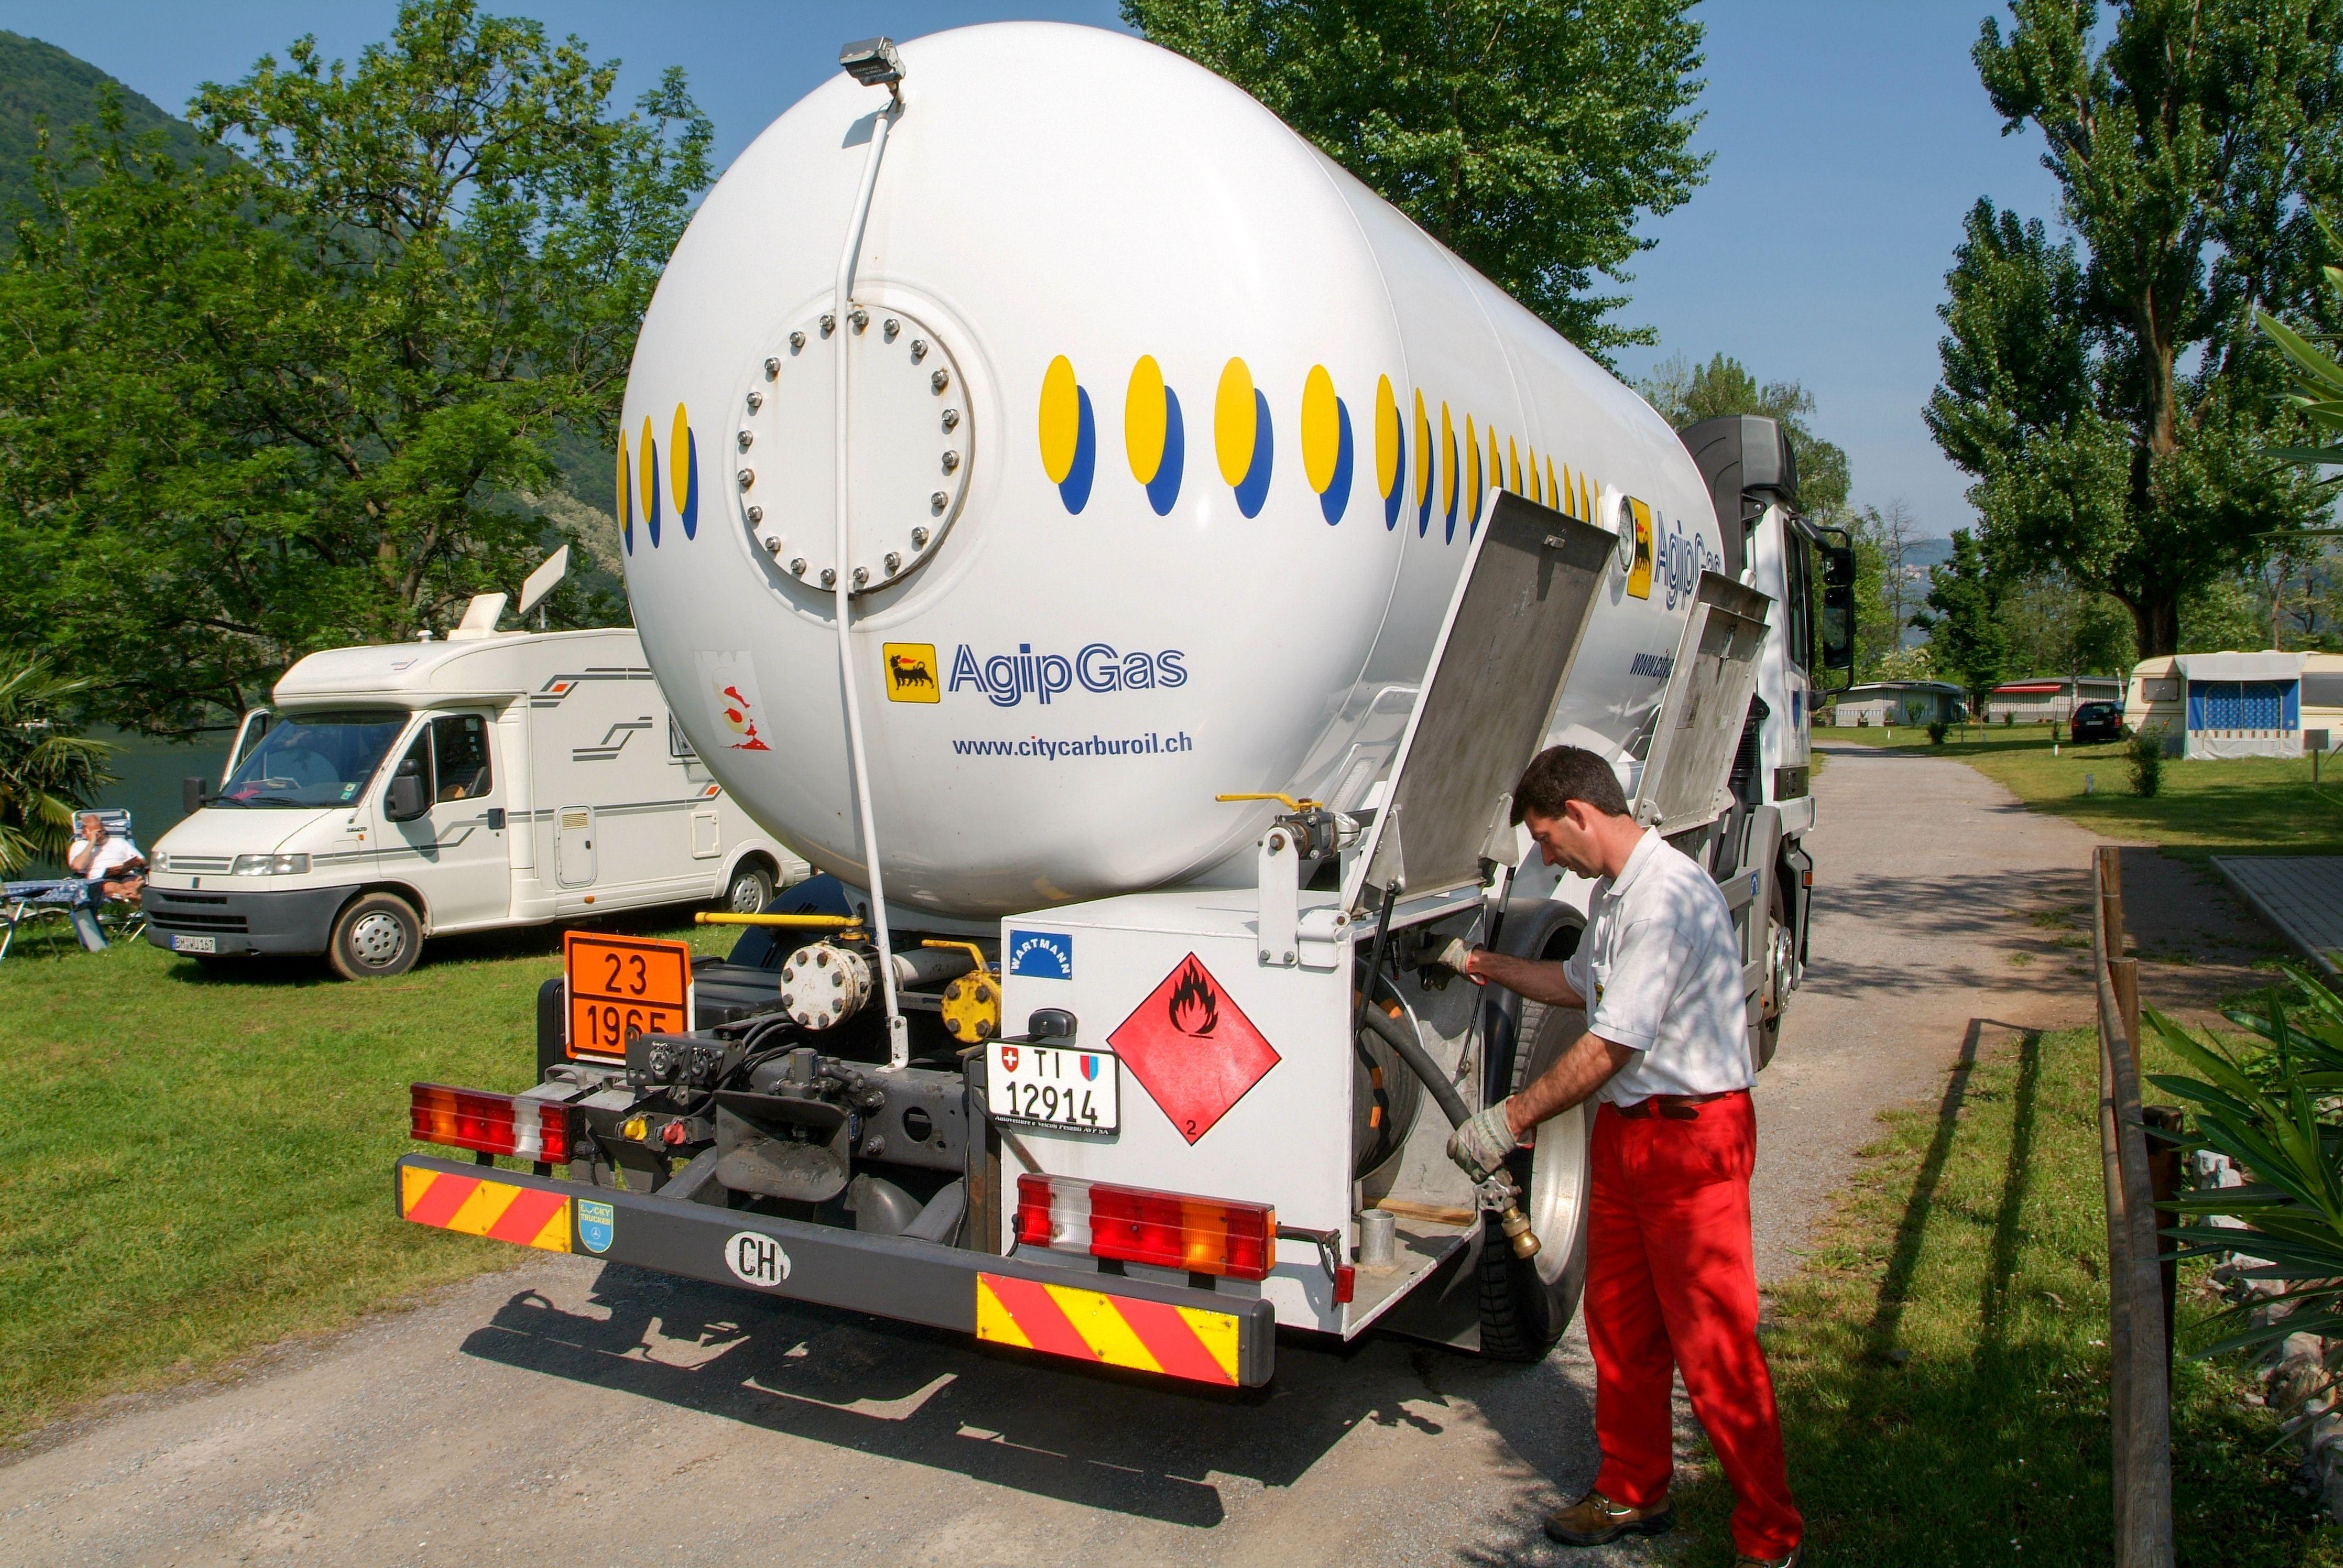 Trabajador que abastece de gas en un tanque en el jardín